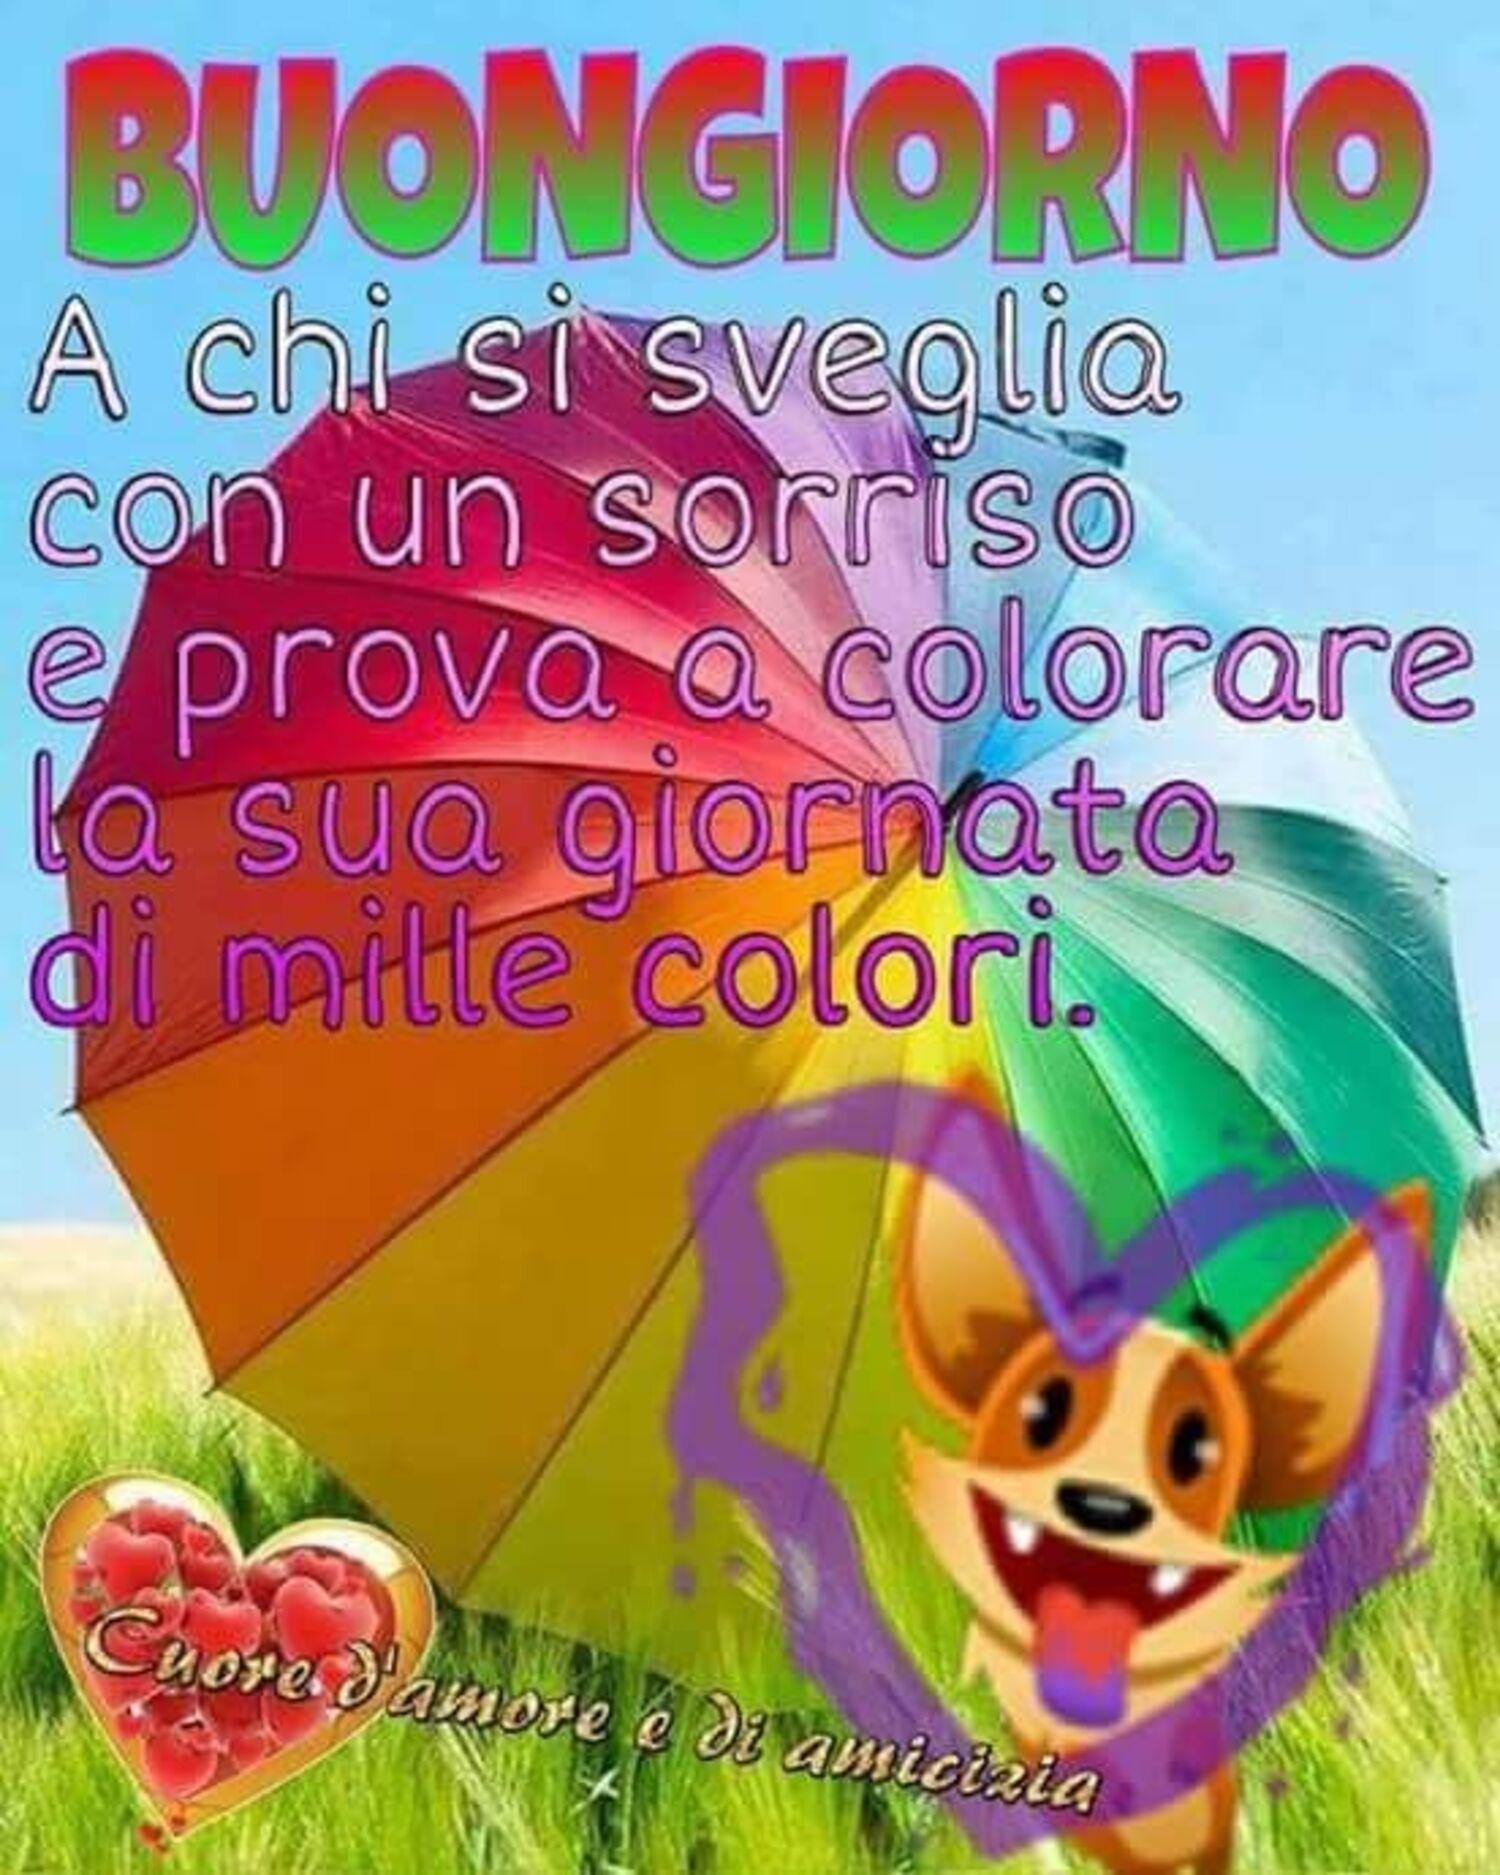 Buongiorno a chi si sveglia con un sorriso e prova a colorare la sua giornata con mille colori.